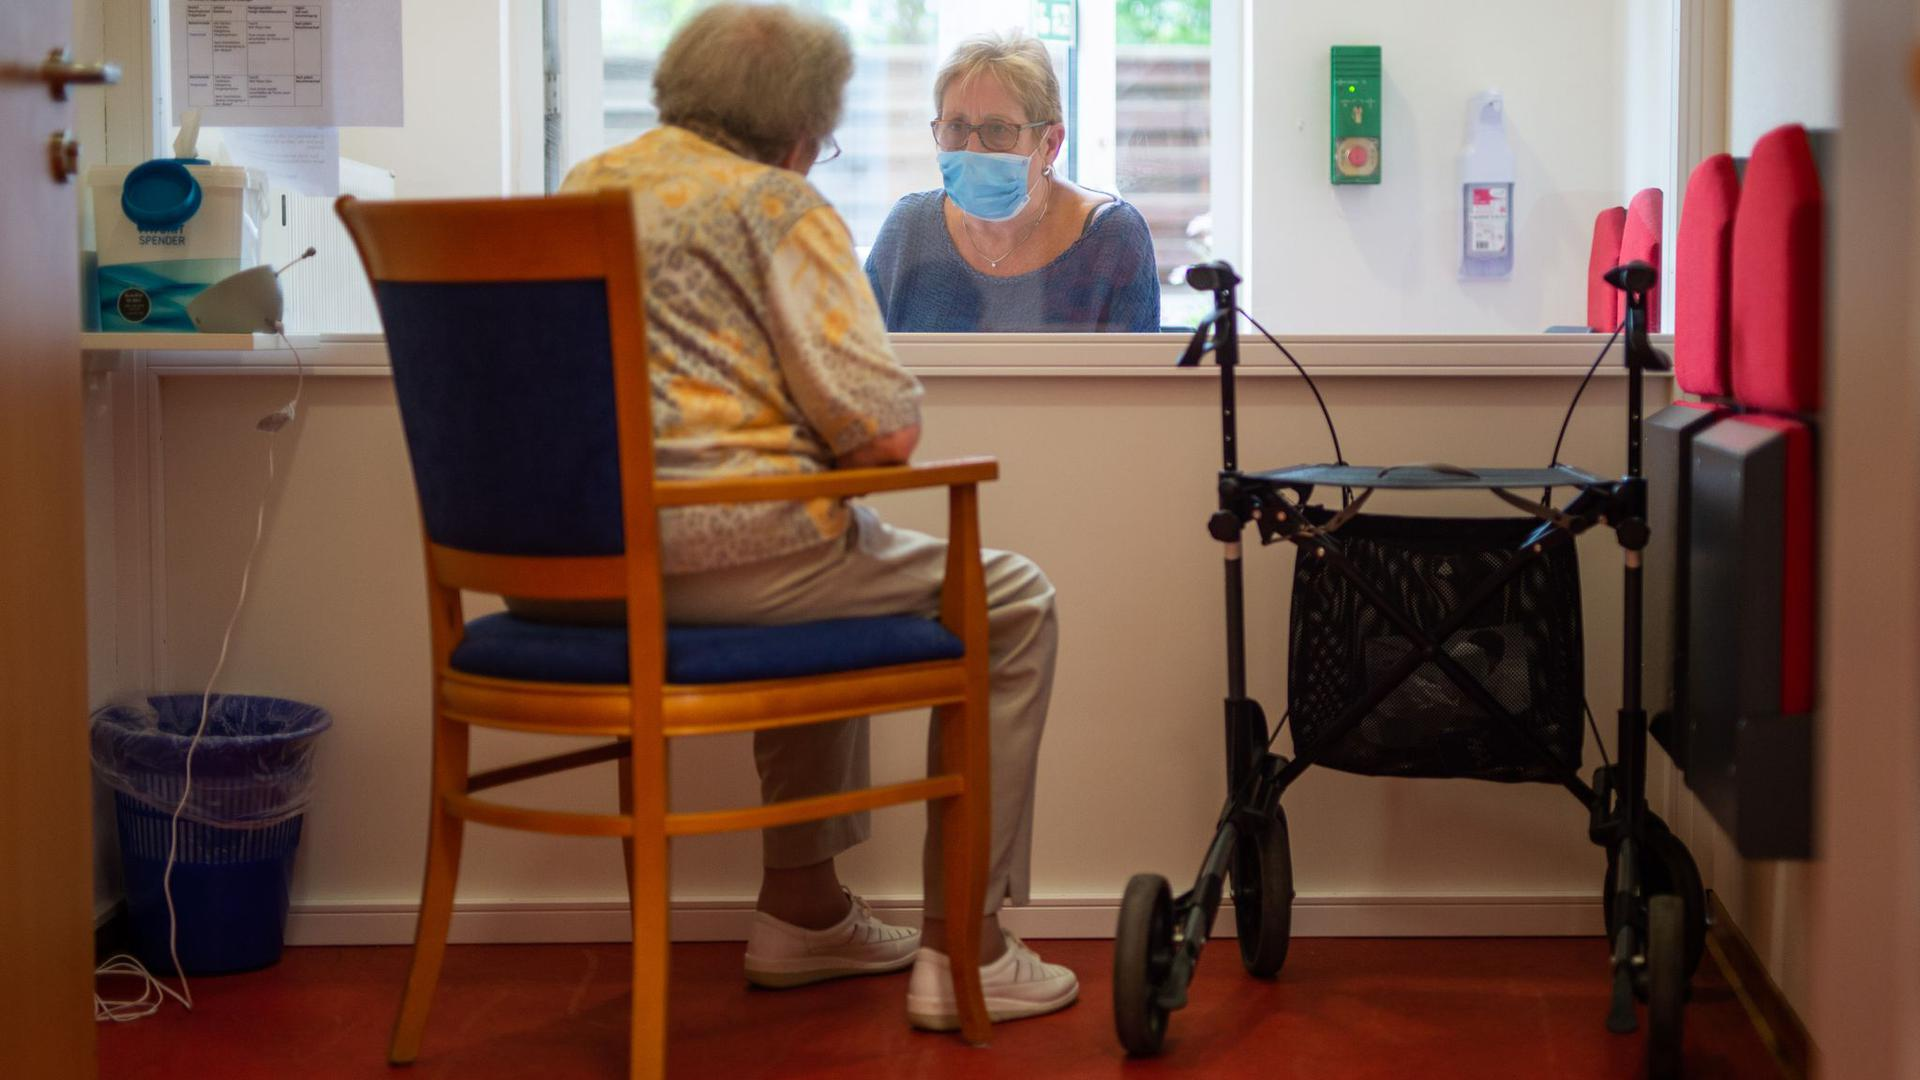 Ältere Menschen besonders betroffen: Nach neuen Erkenntnissen forderte die Pandemie in Alten- und Pflegeheimen in Baden-Württemberg mehr Todesfälle als bislang angenommen.